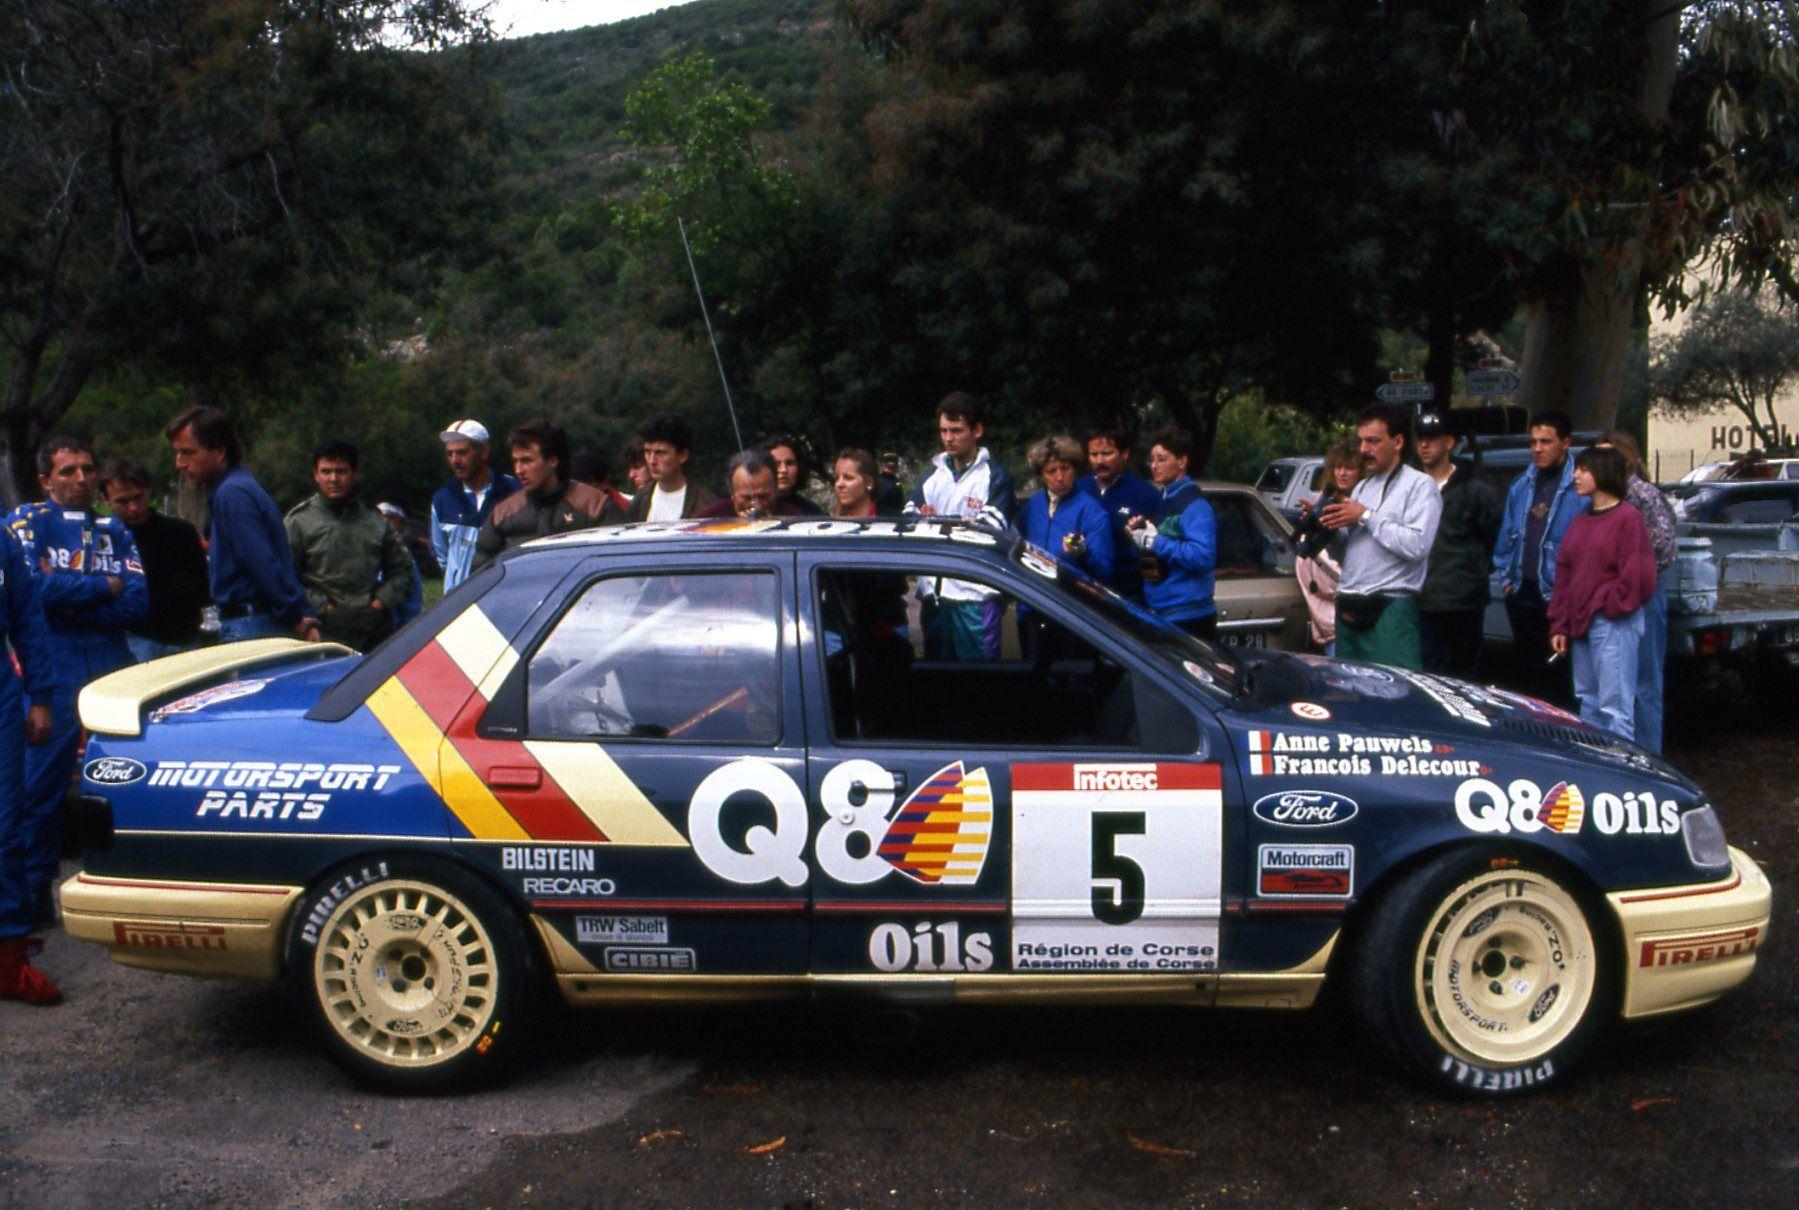 1991 Ford Sierra Delecour Tour De Corse 1991 Ford Sierra